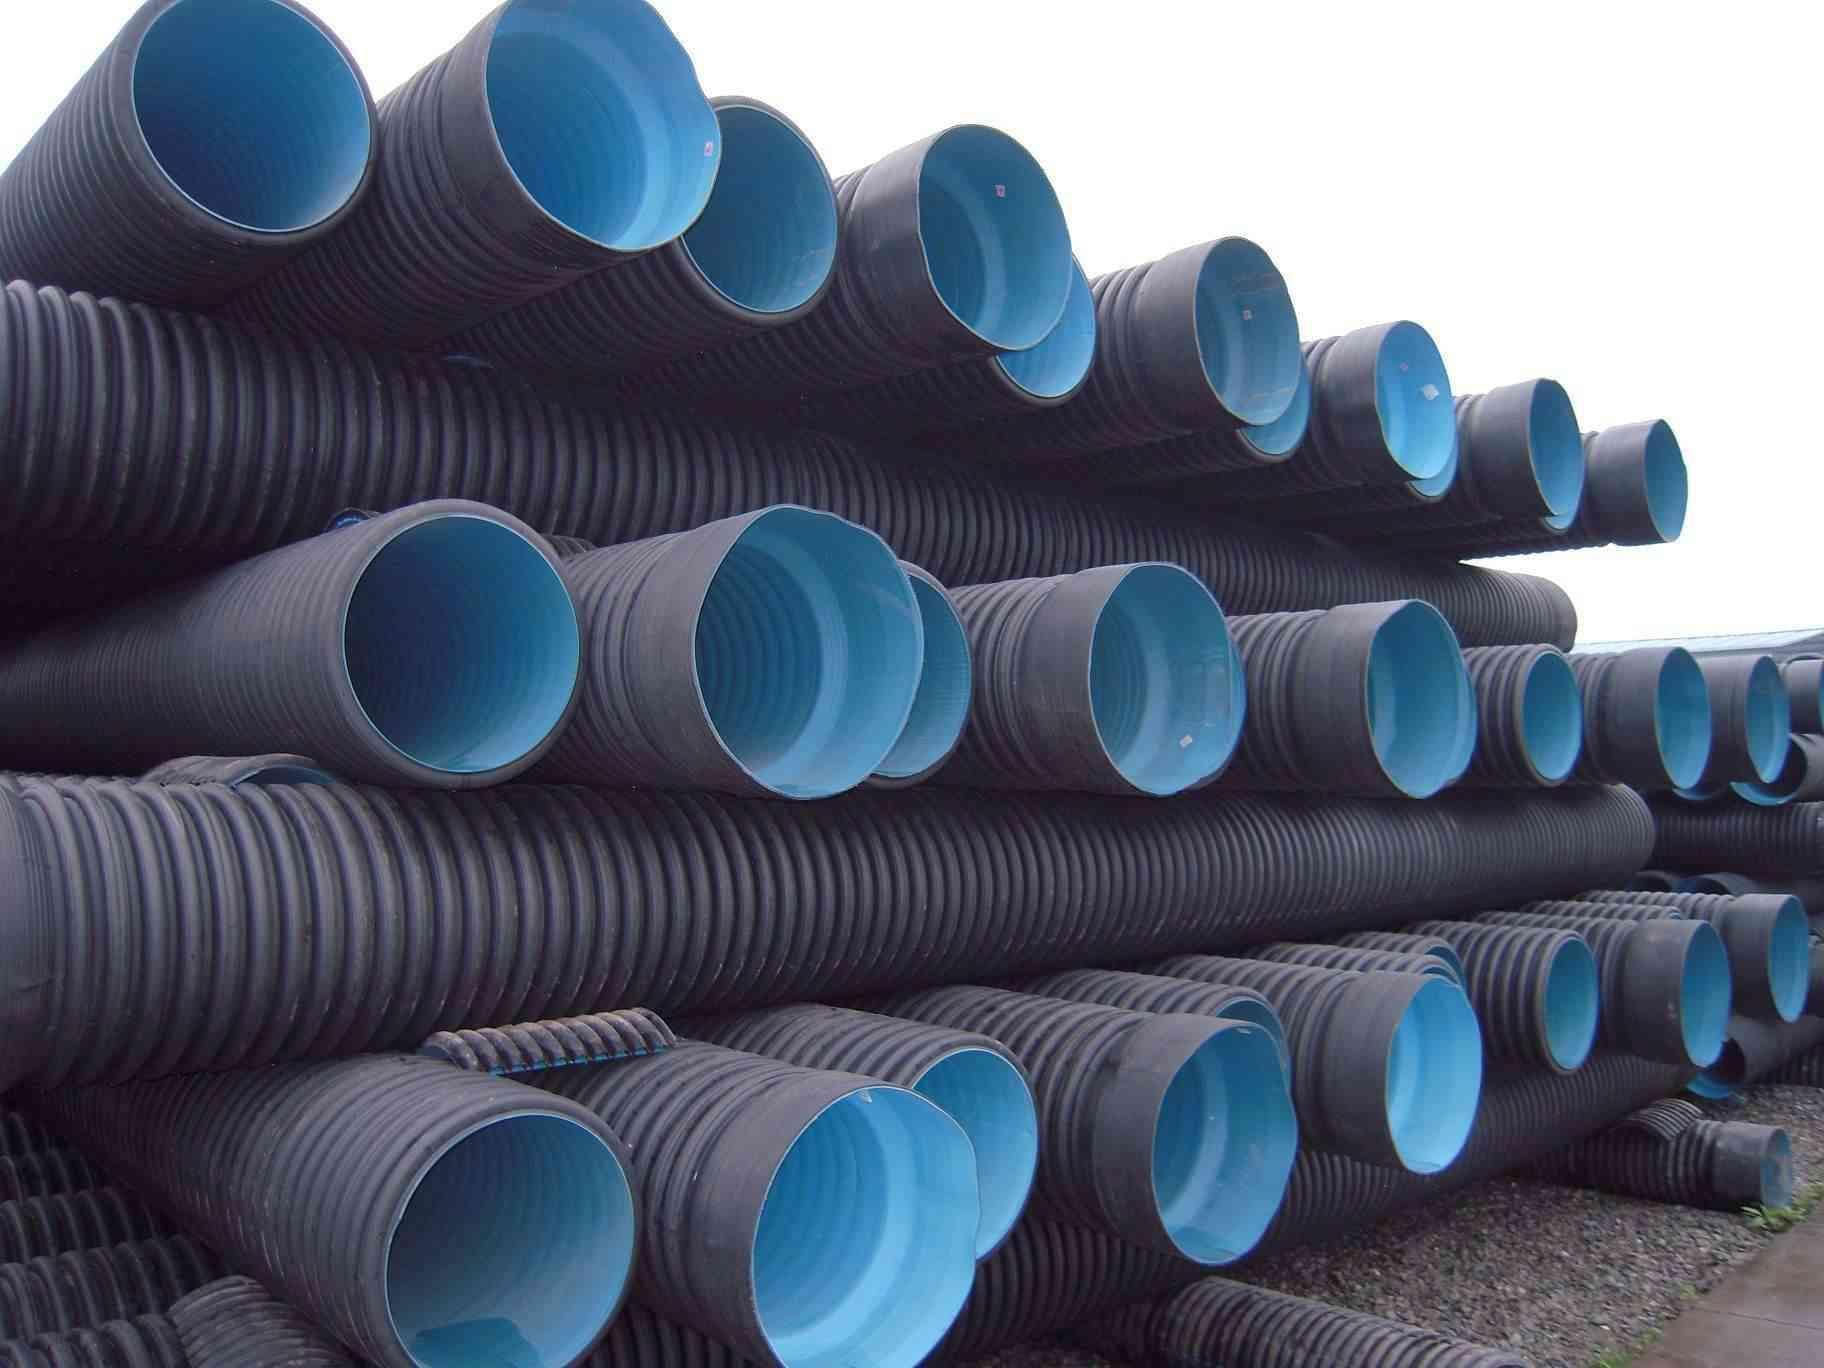 热塑性塑料管材 拉伸性能测定—北科大